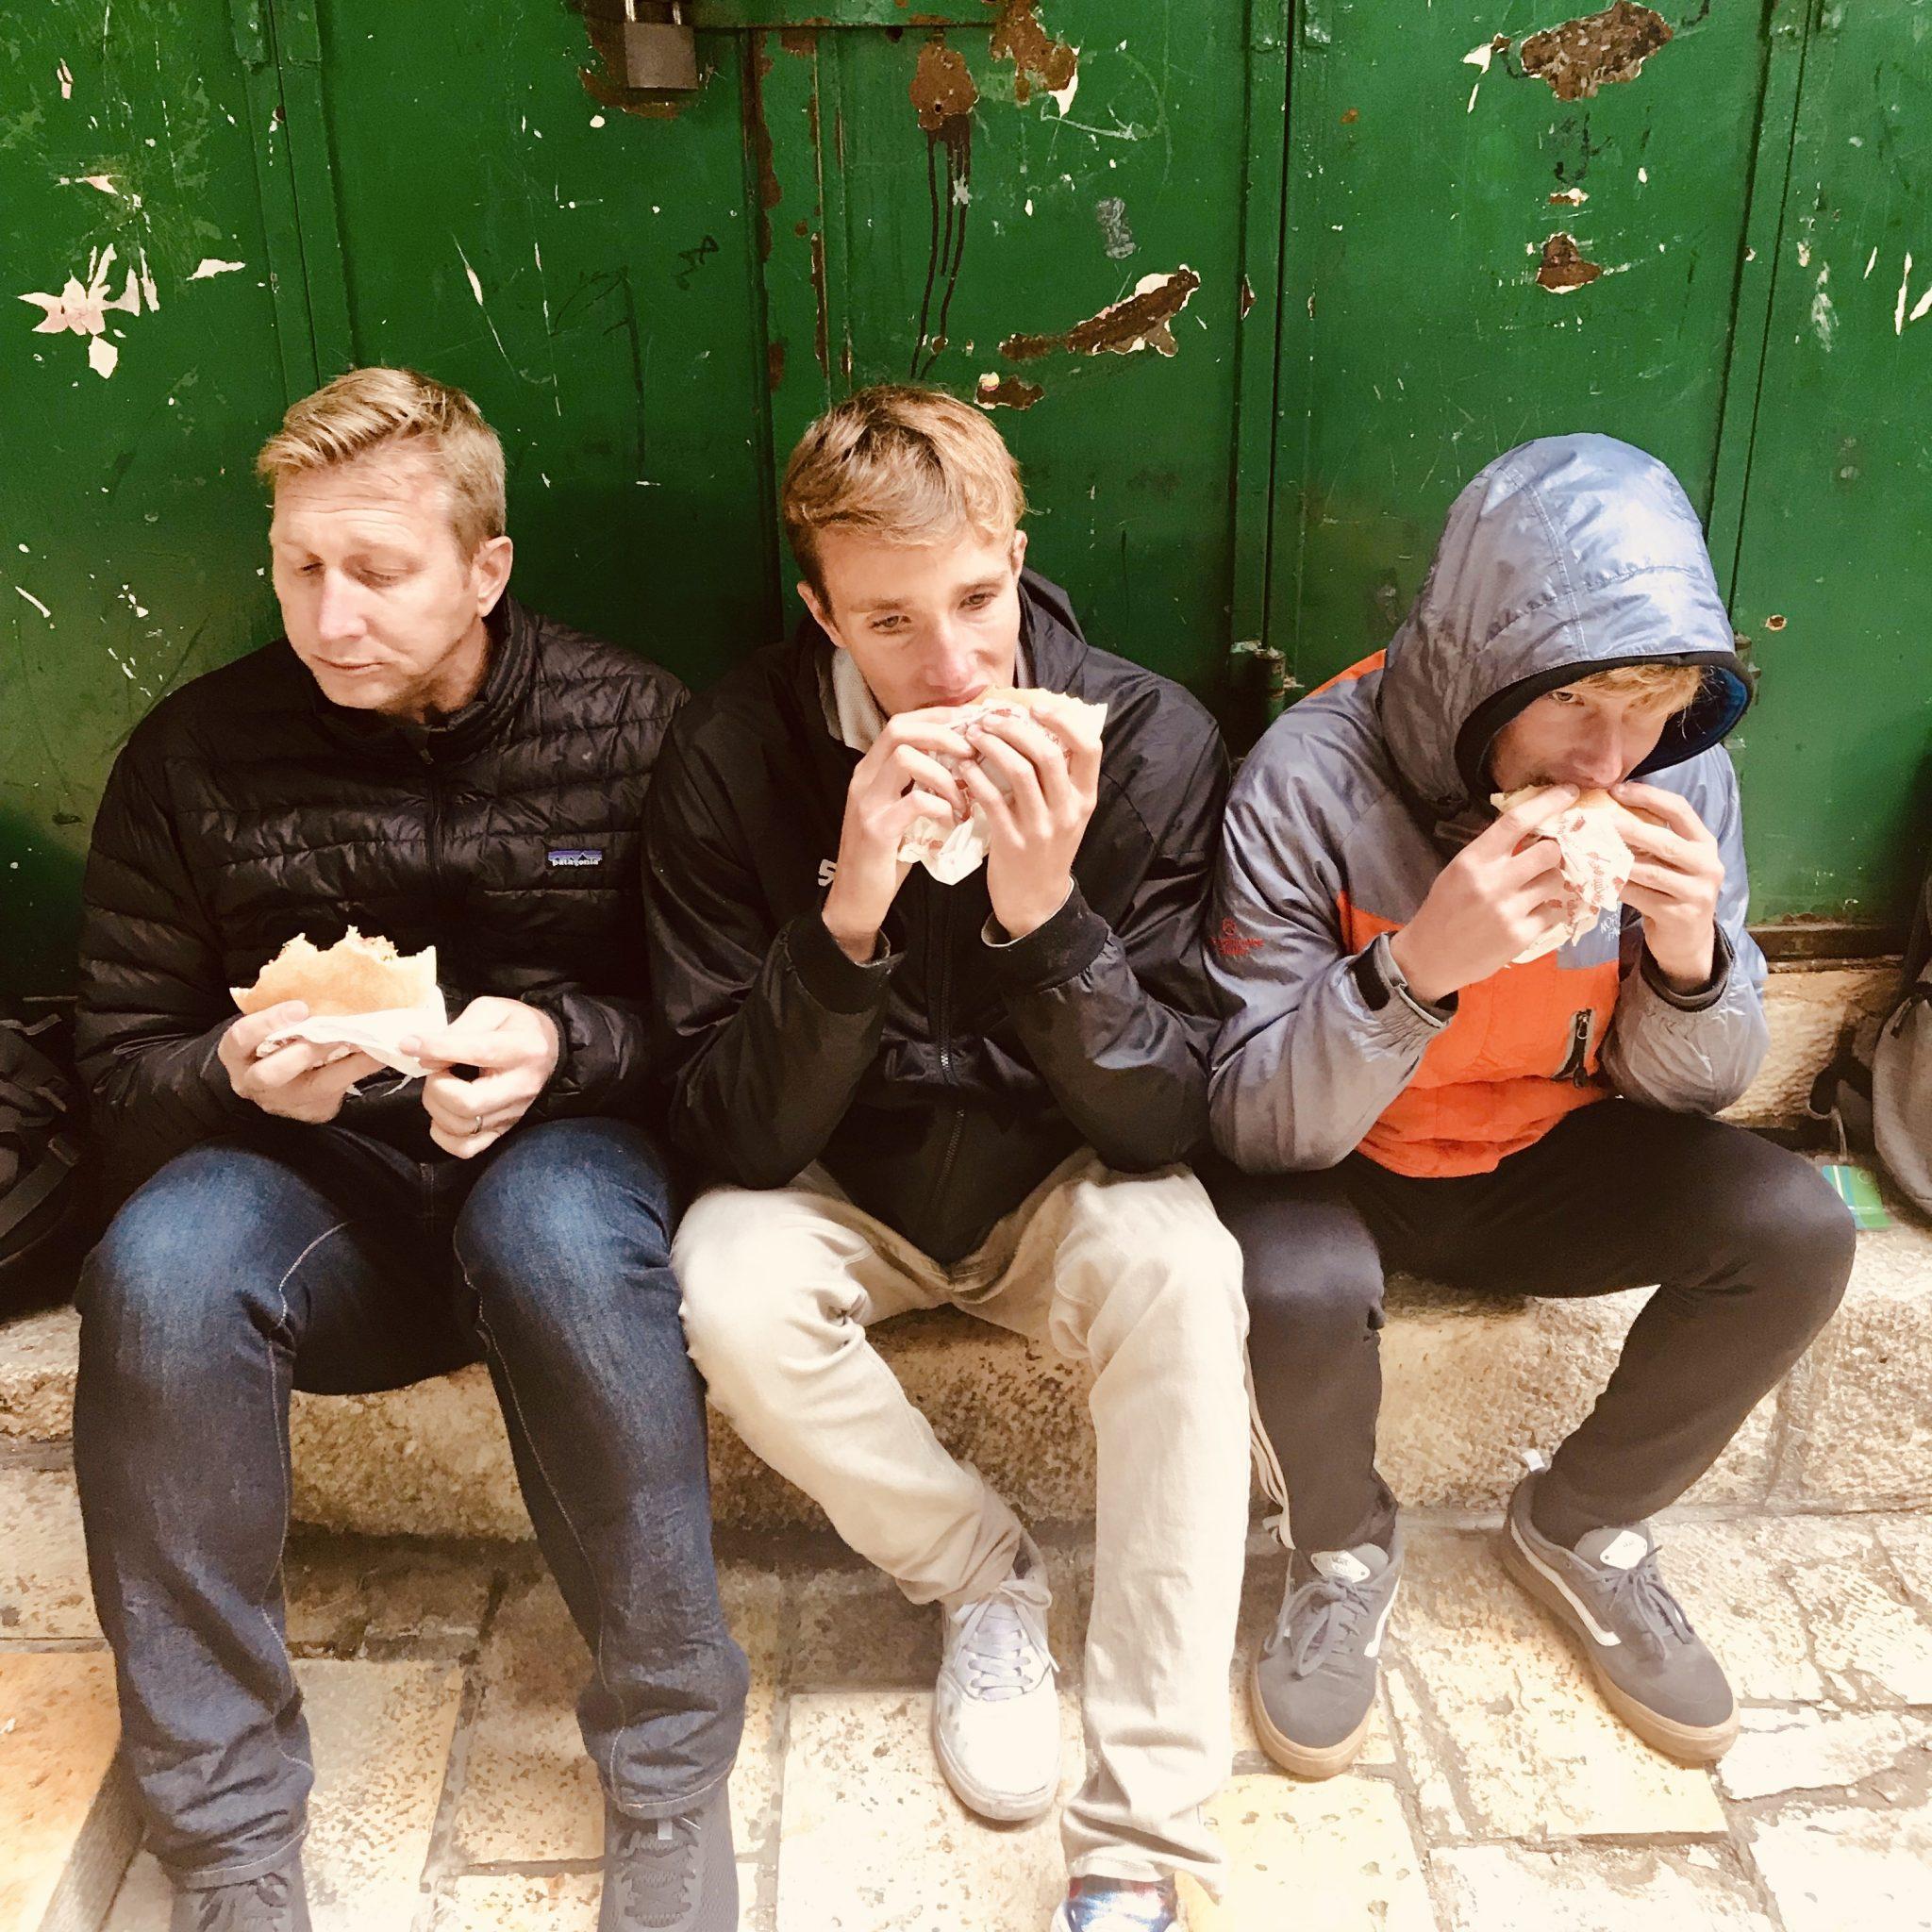 eating falafels in jerusalem